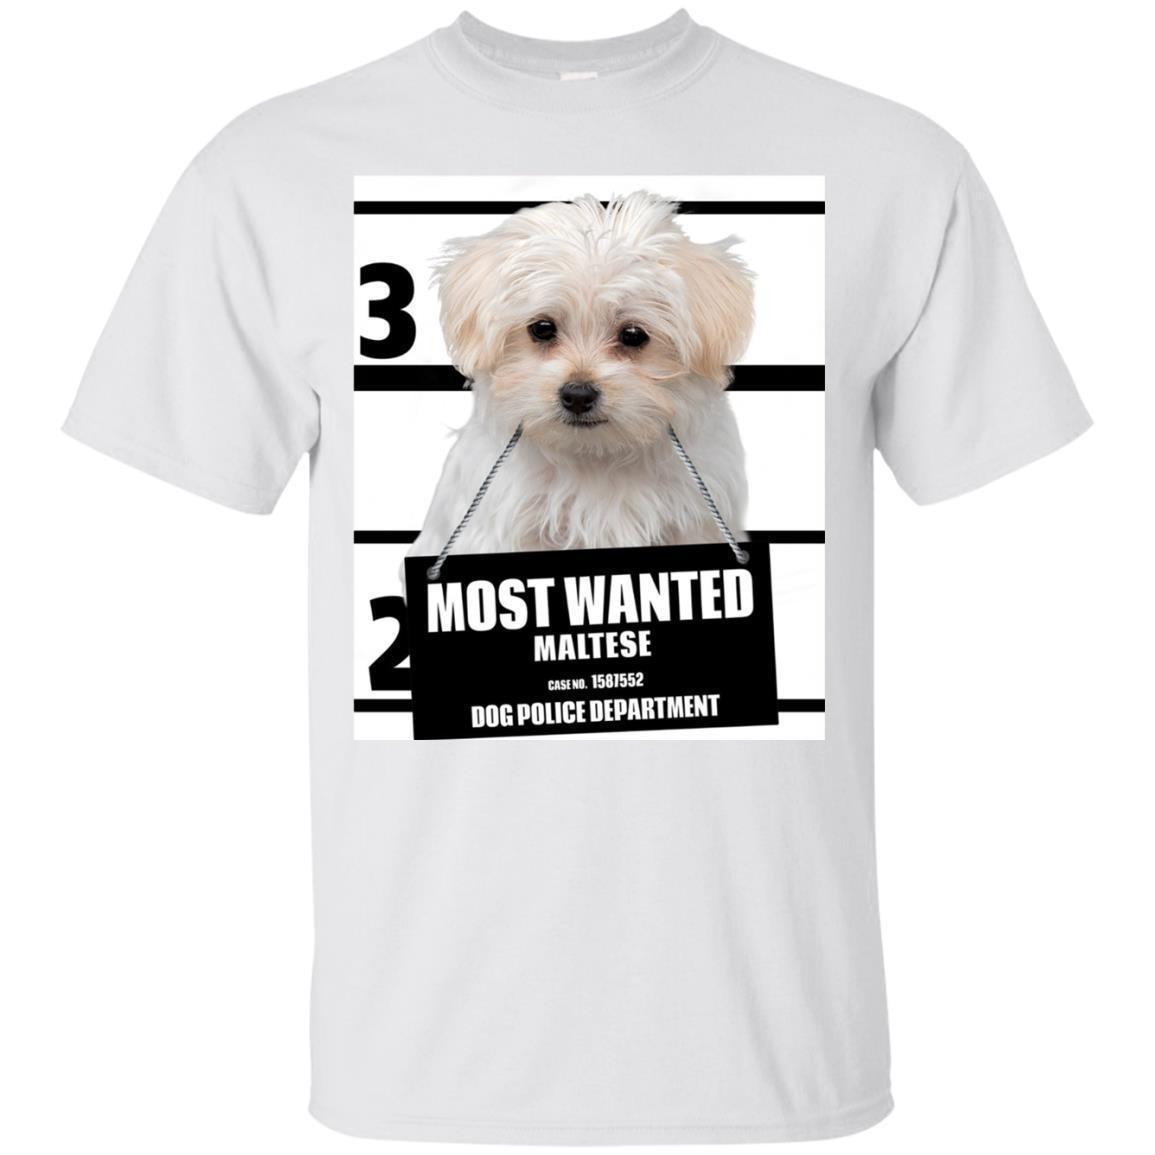 Most Wanted Maltese T-shirt – Dog Tee Shirts – 13